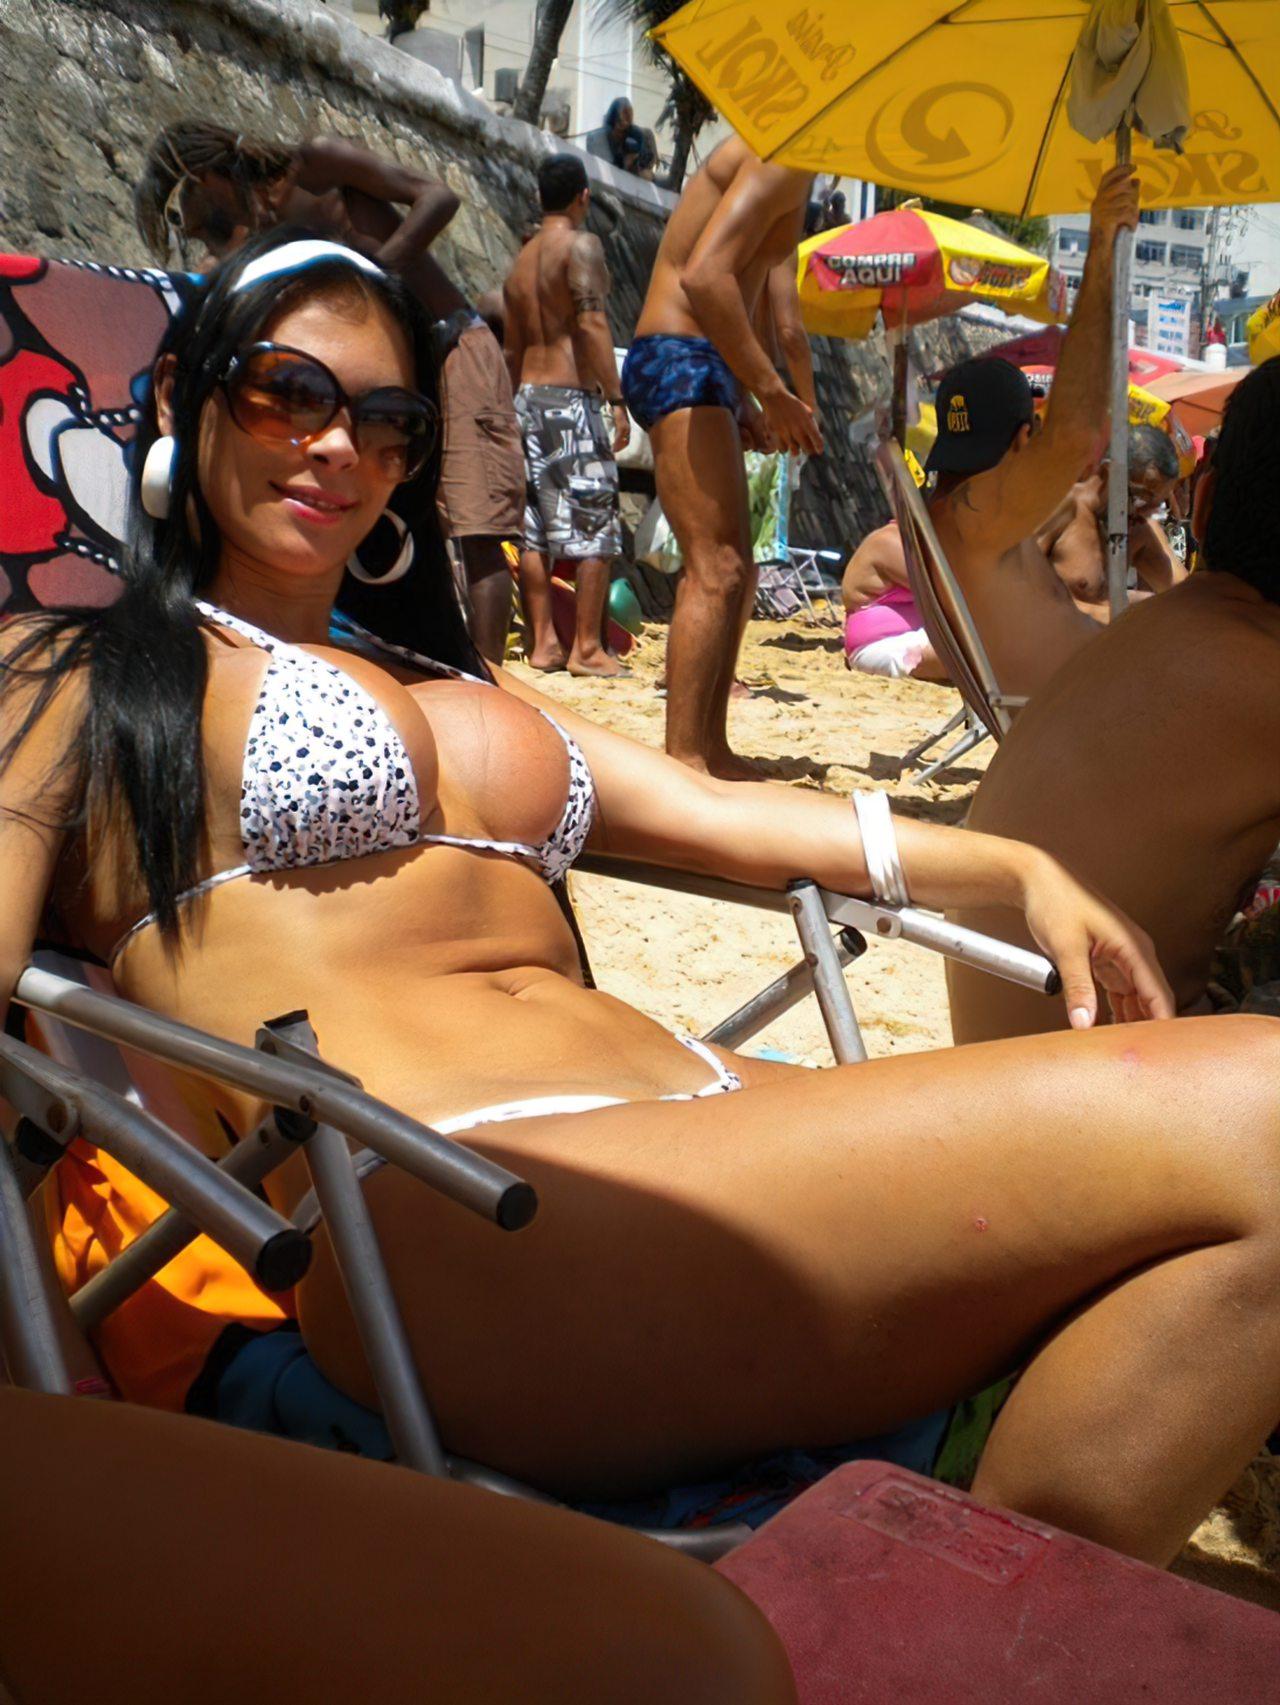 sexo em praia dominação feminina